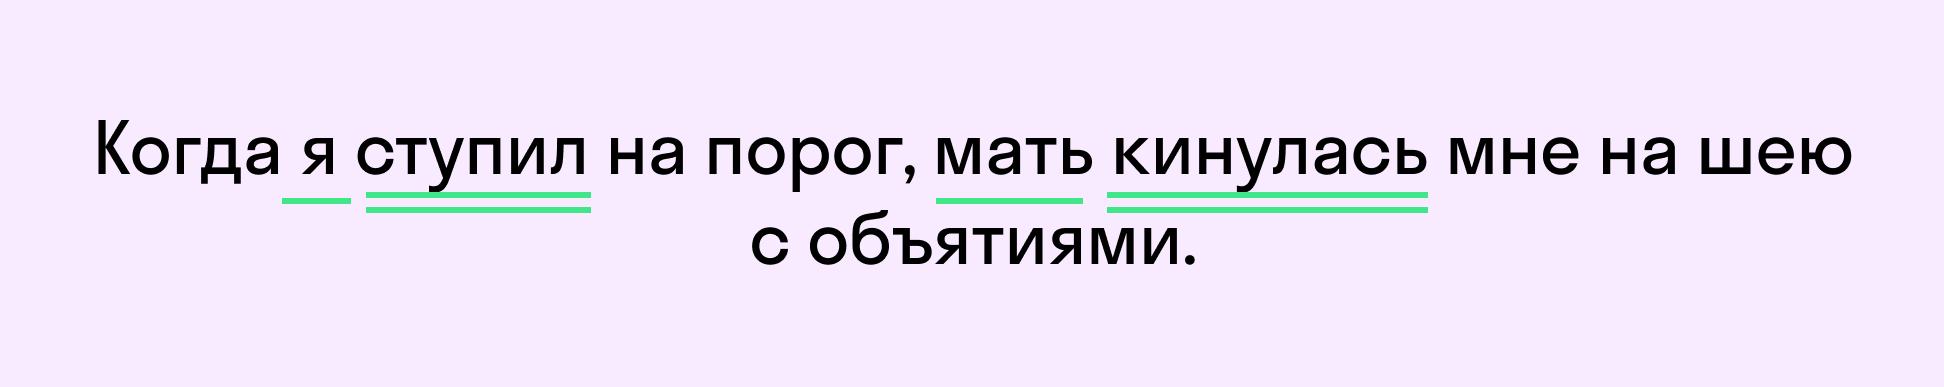 Пример сложного предложения | skysmart.ru